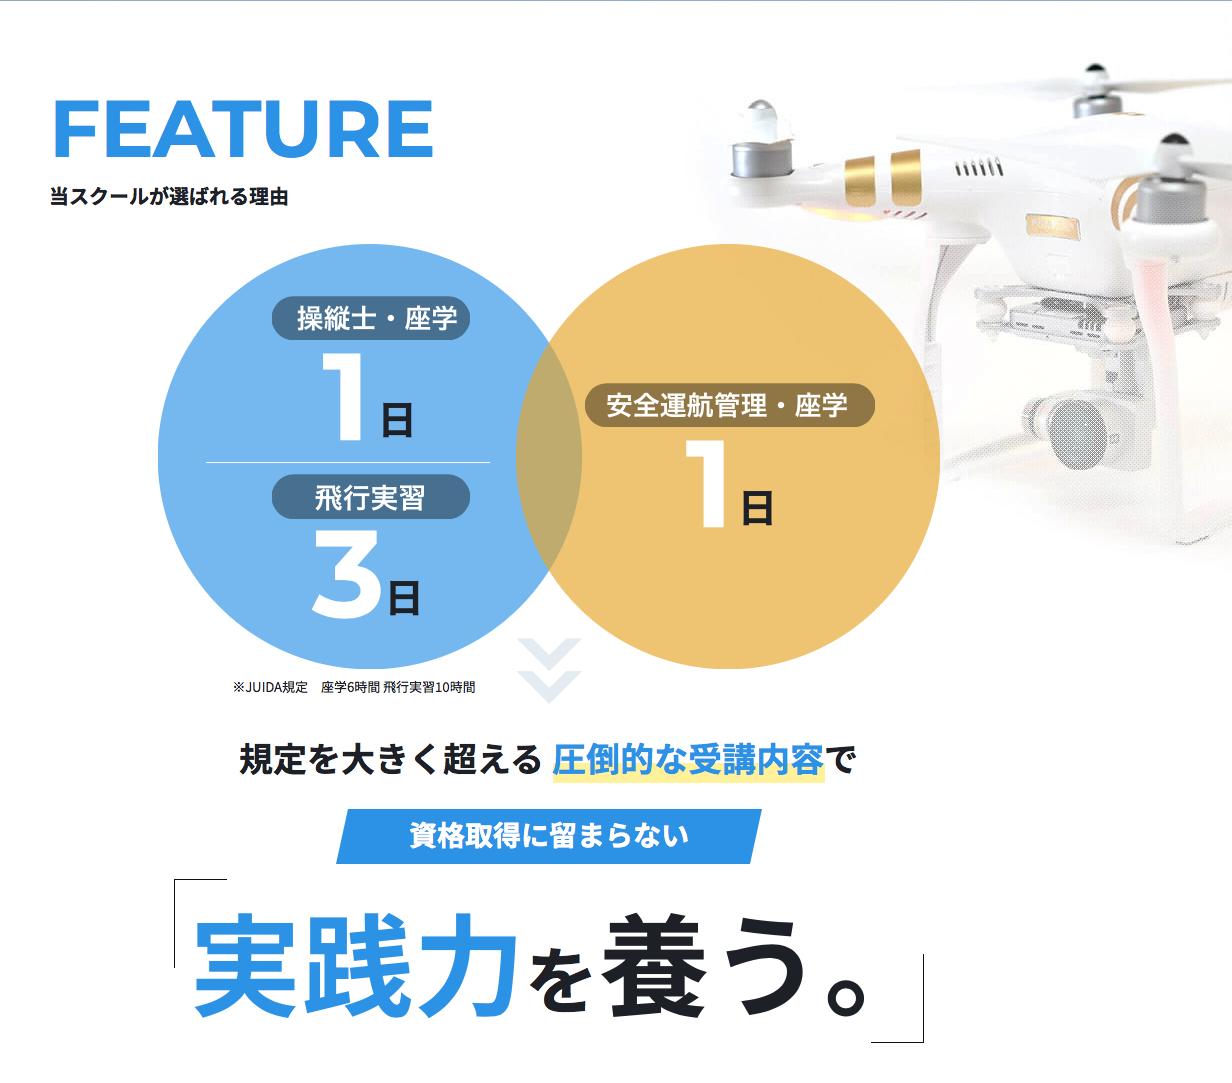 日本ドローンアカデミーイメージ画像